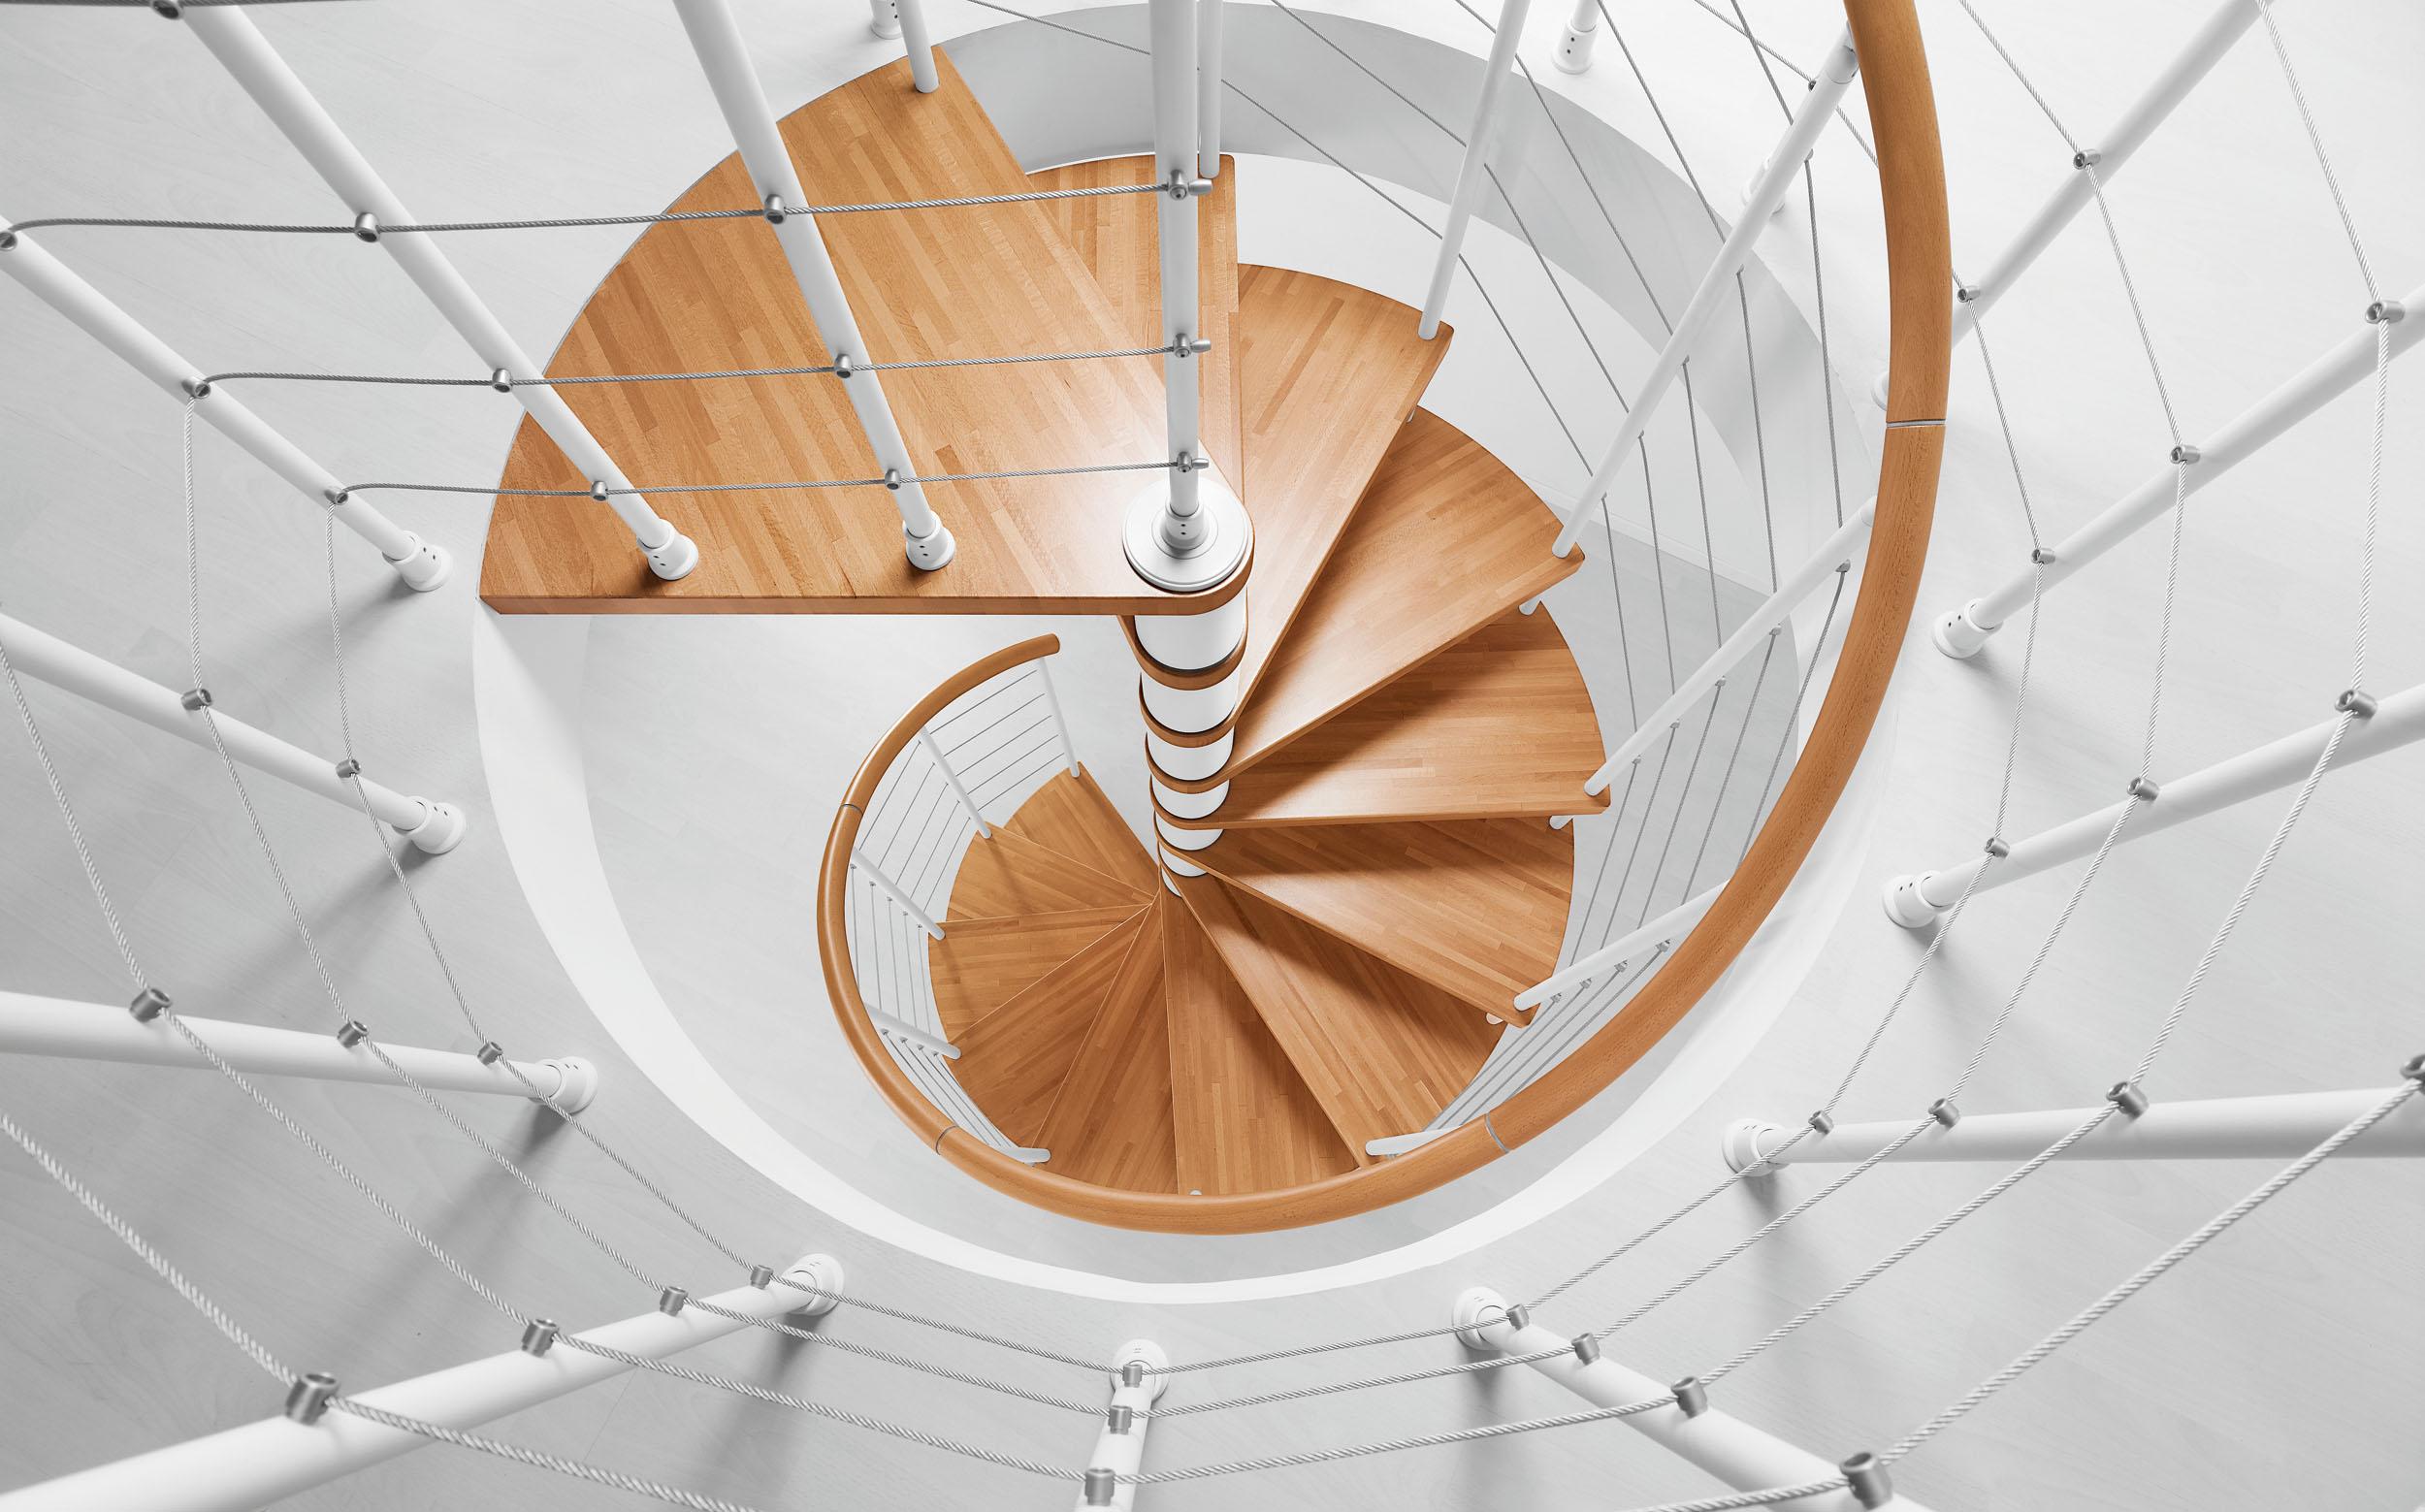 Dimensioni Scale A Chiocciola Quadrate quanti tipi di scale! scale a chiocciola, rettrattili